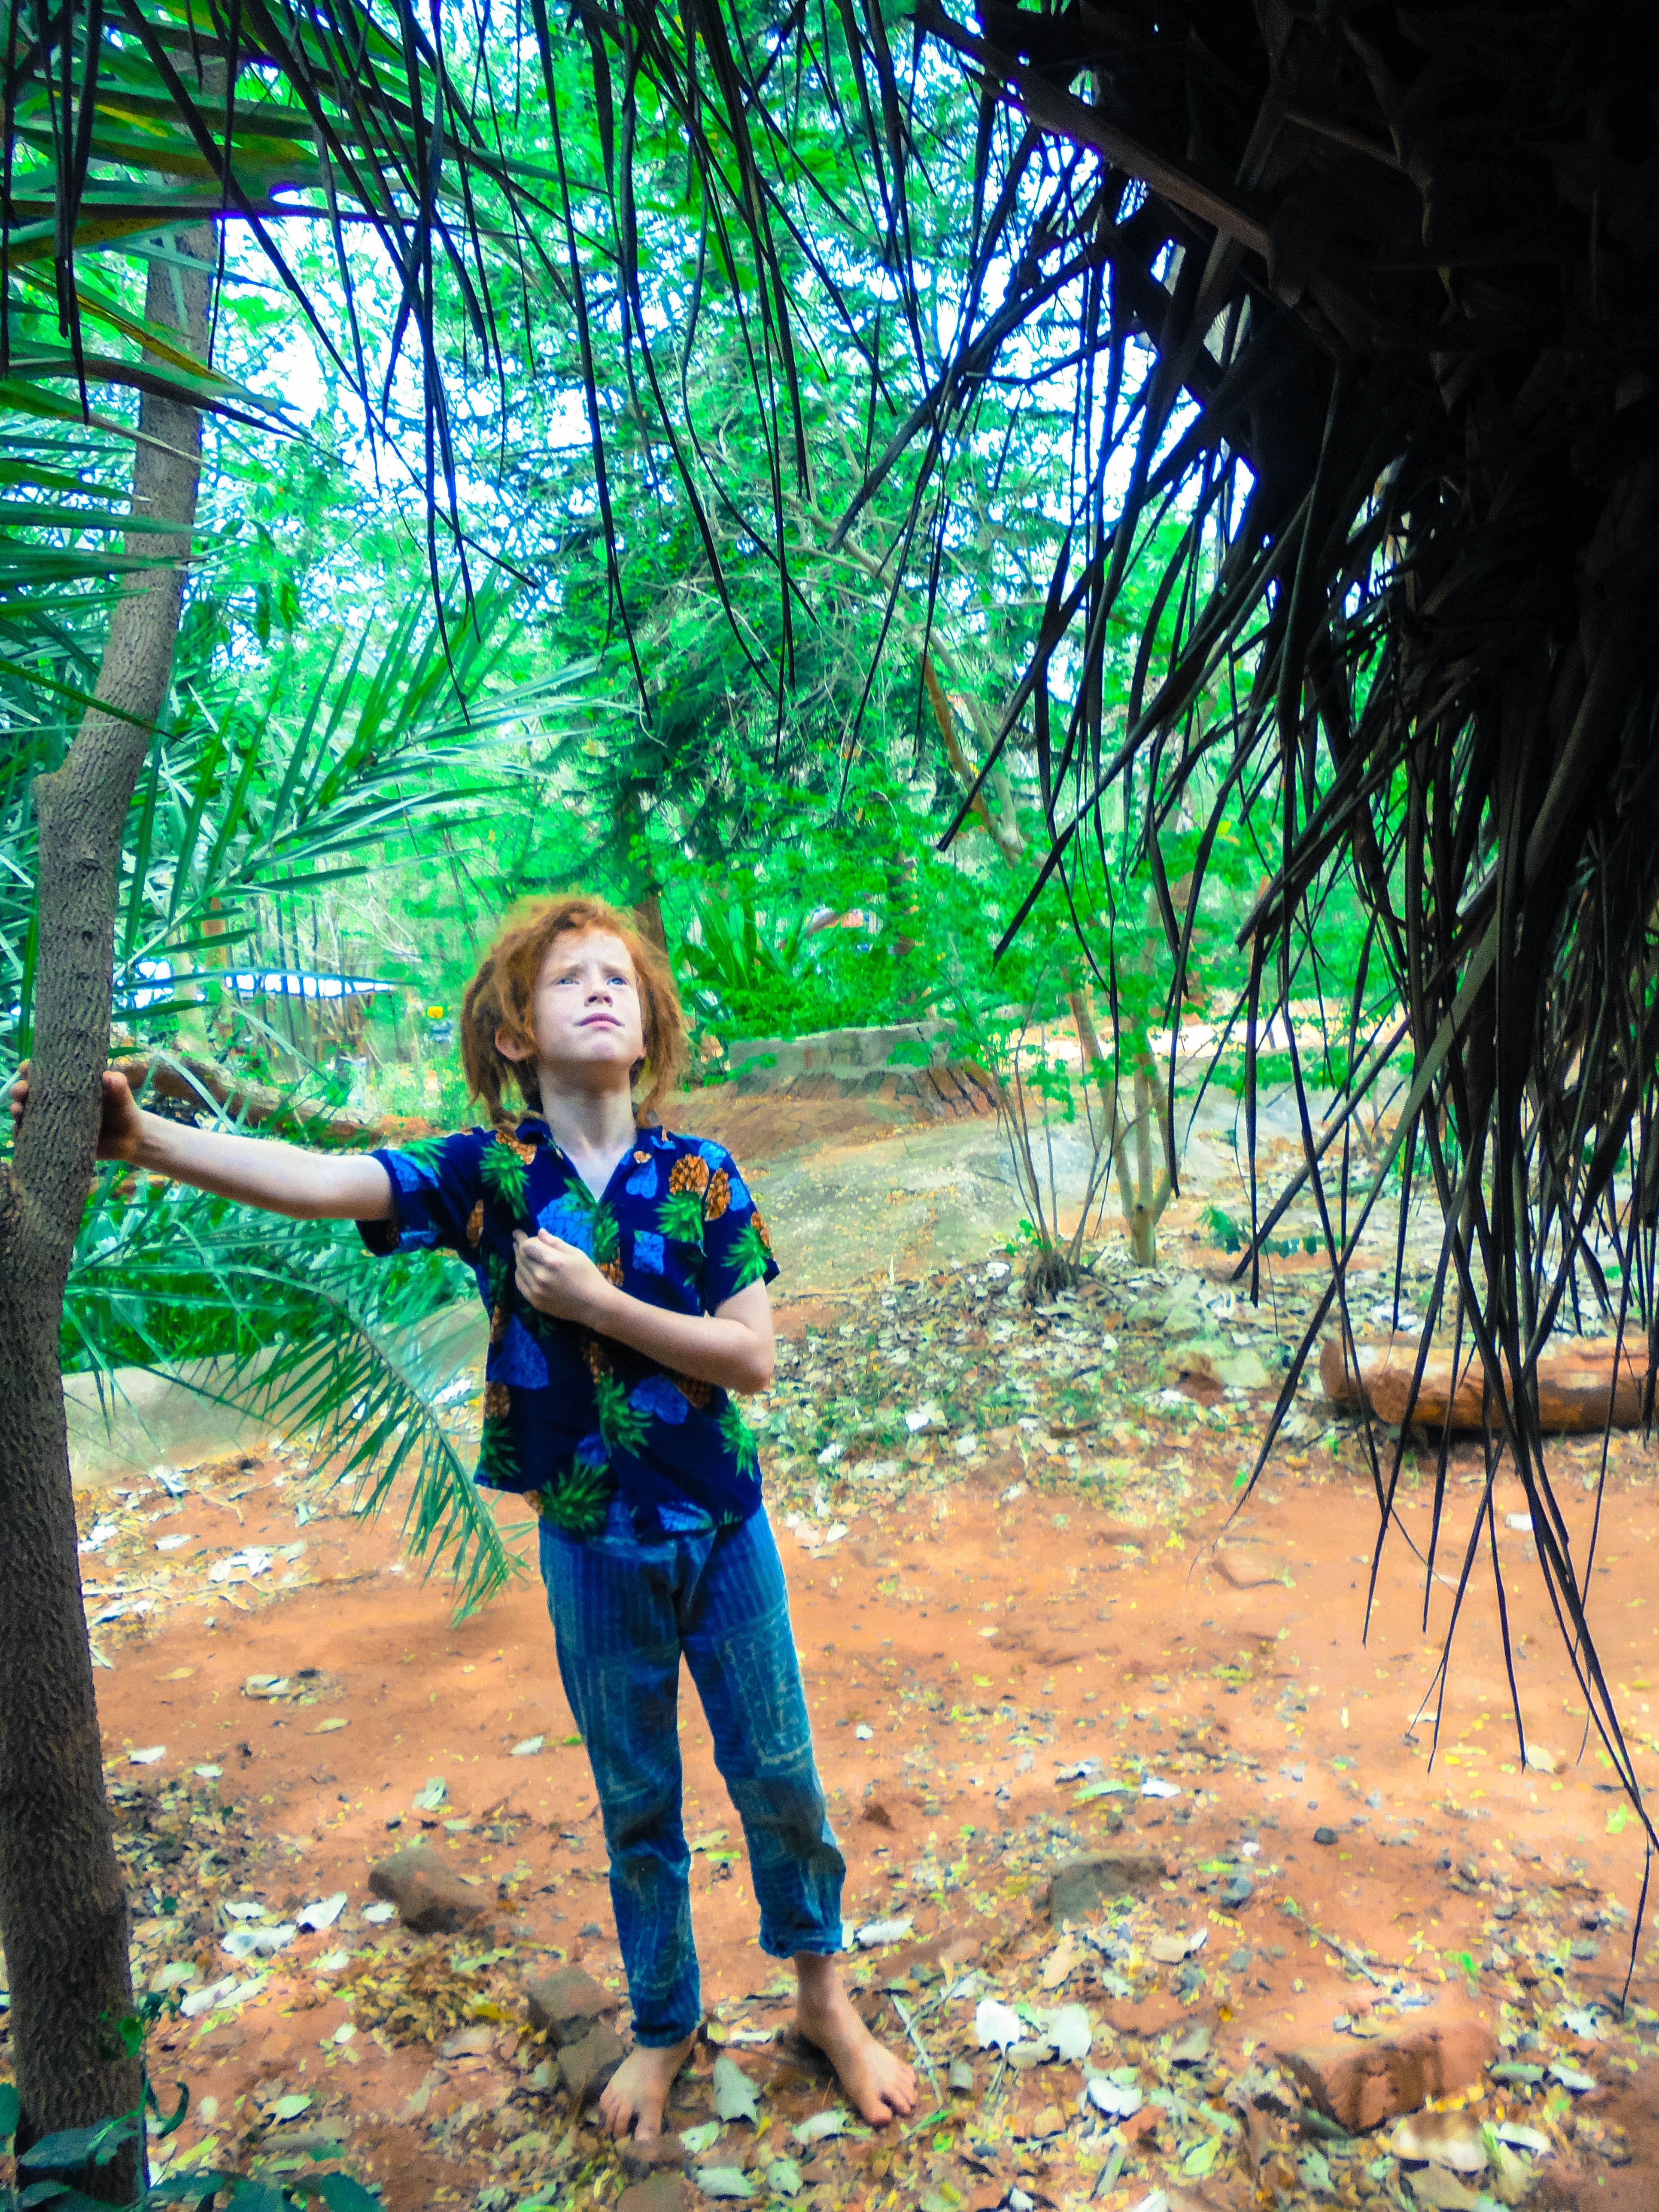 Photographer Lulu